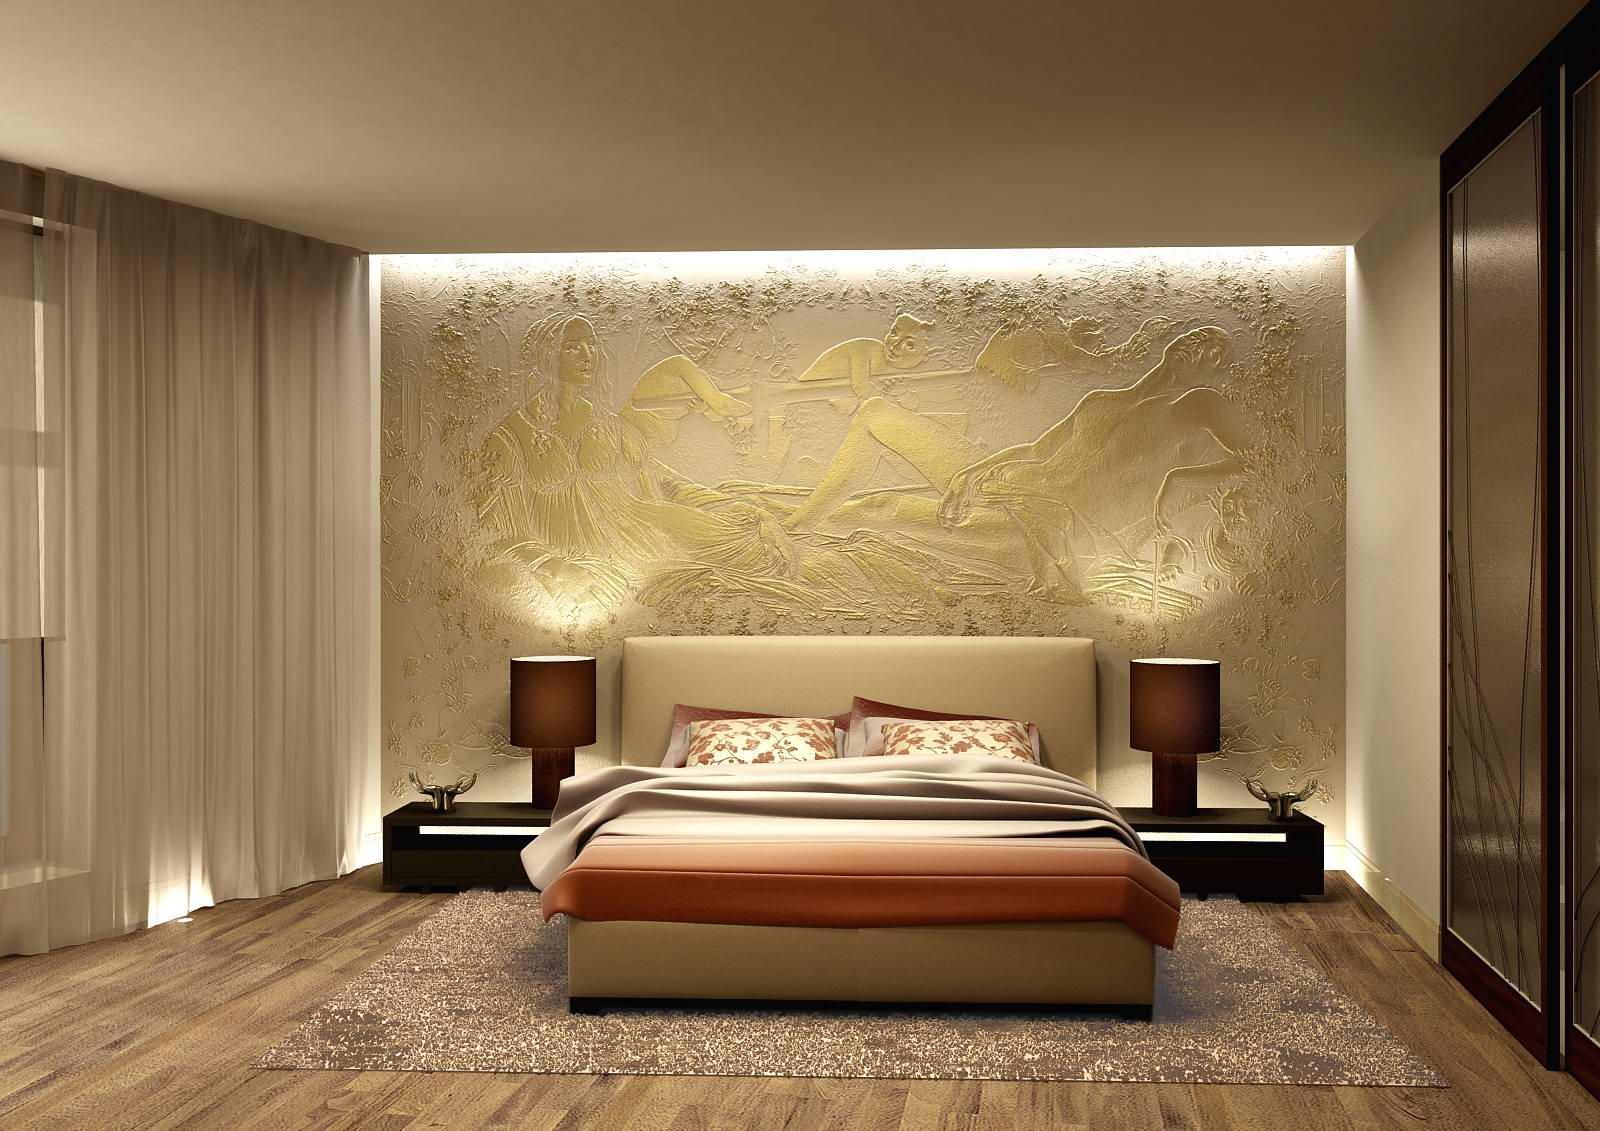 Золотистая фреска в спальне